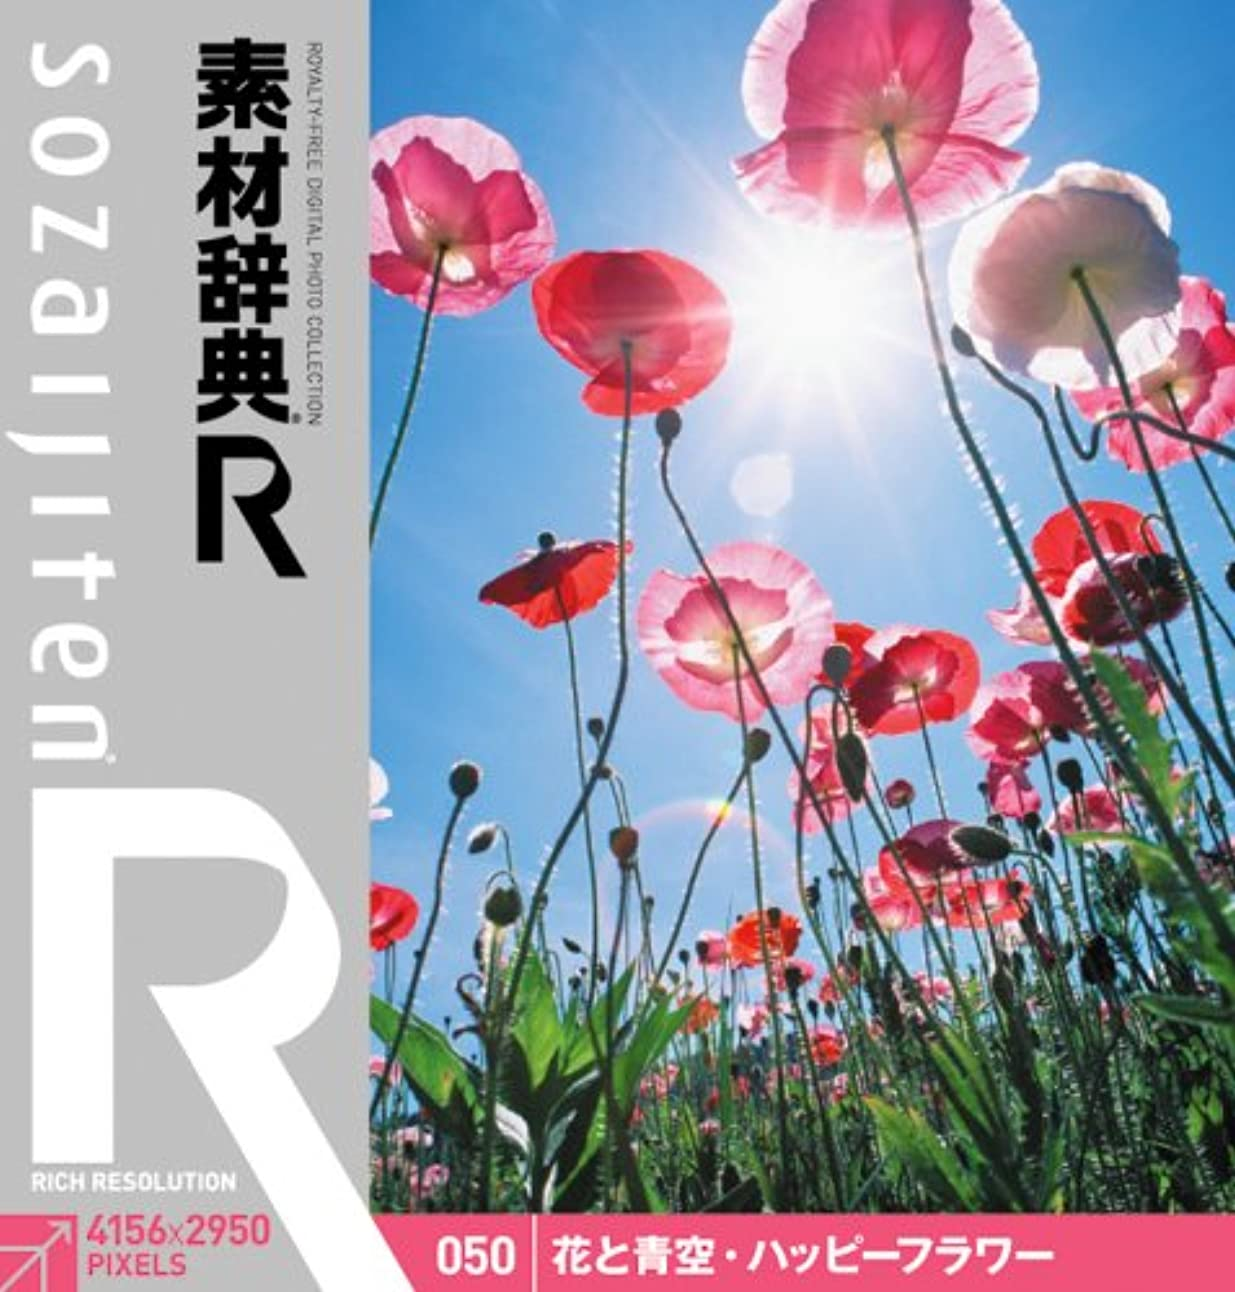 環境に優しい反乱伝記素材辞典[R(アール)] 050 花と青空?ハッピーフラワー